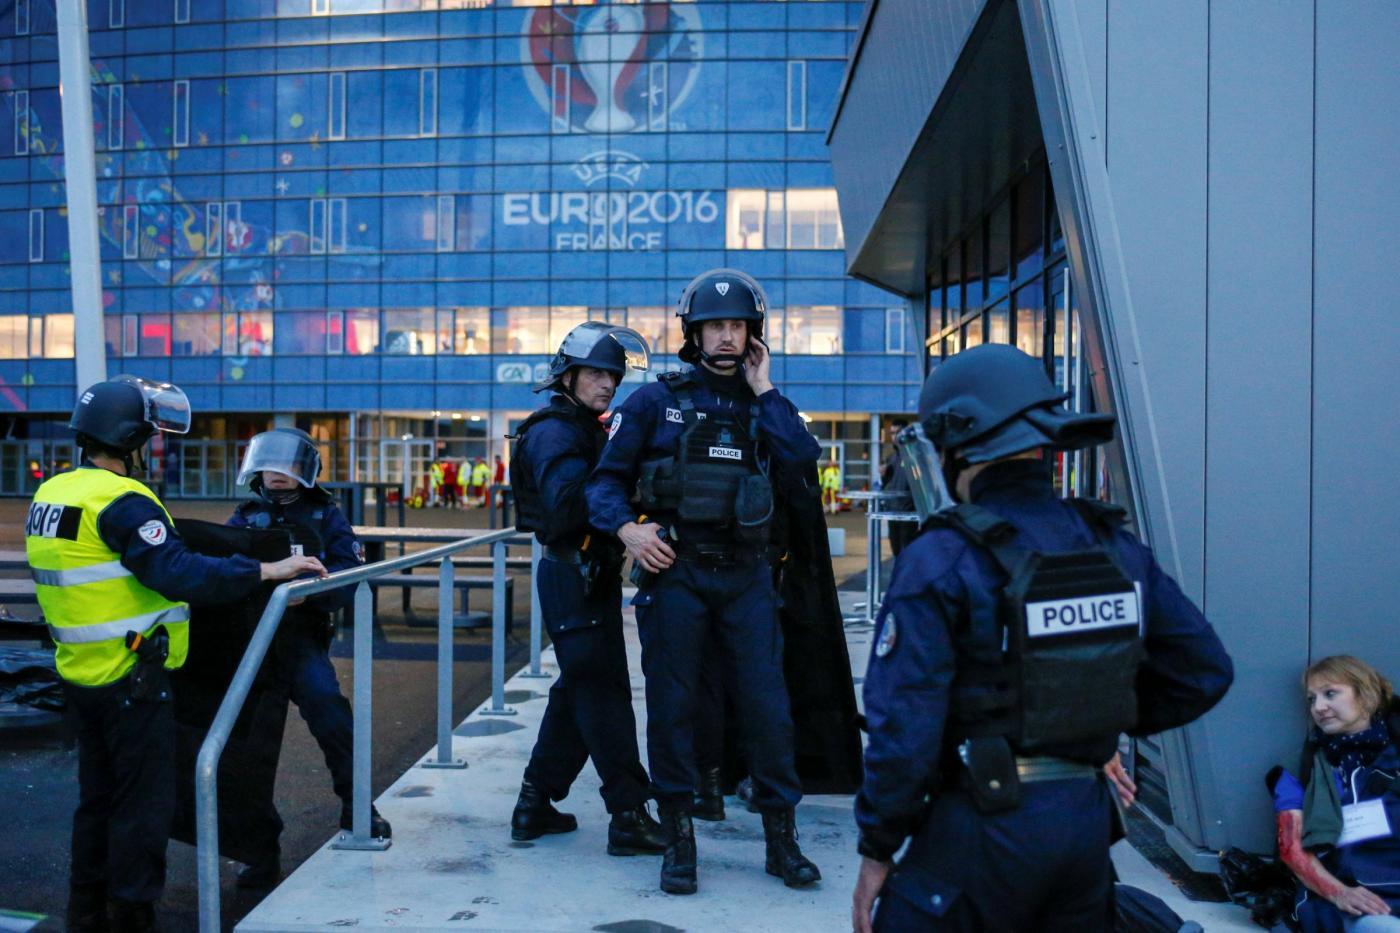 Francia, esercitazione sulla sicurezza ad Euro 2016